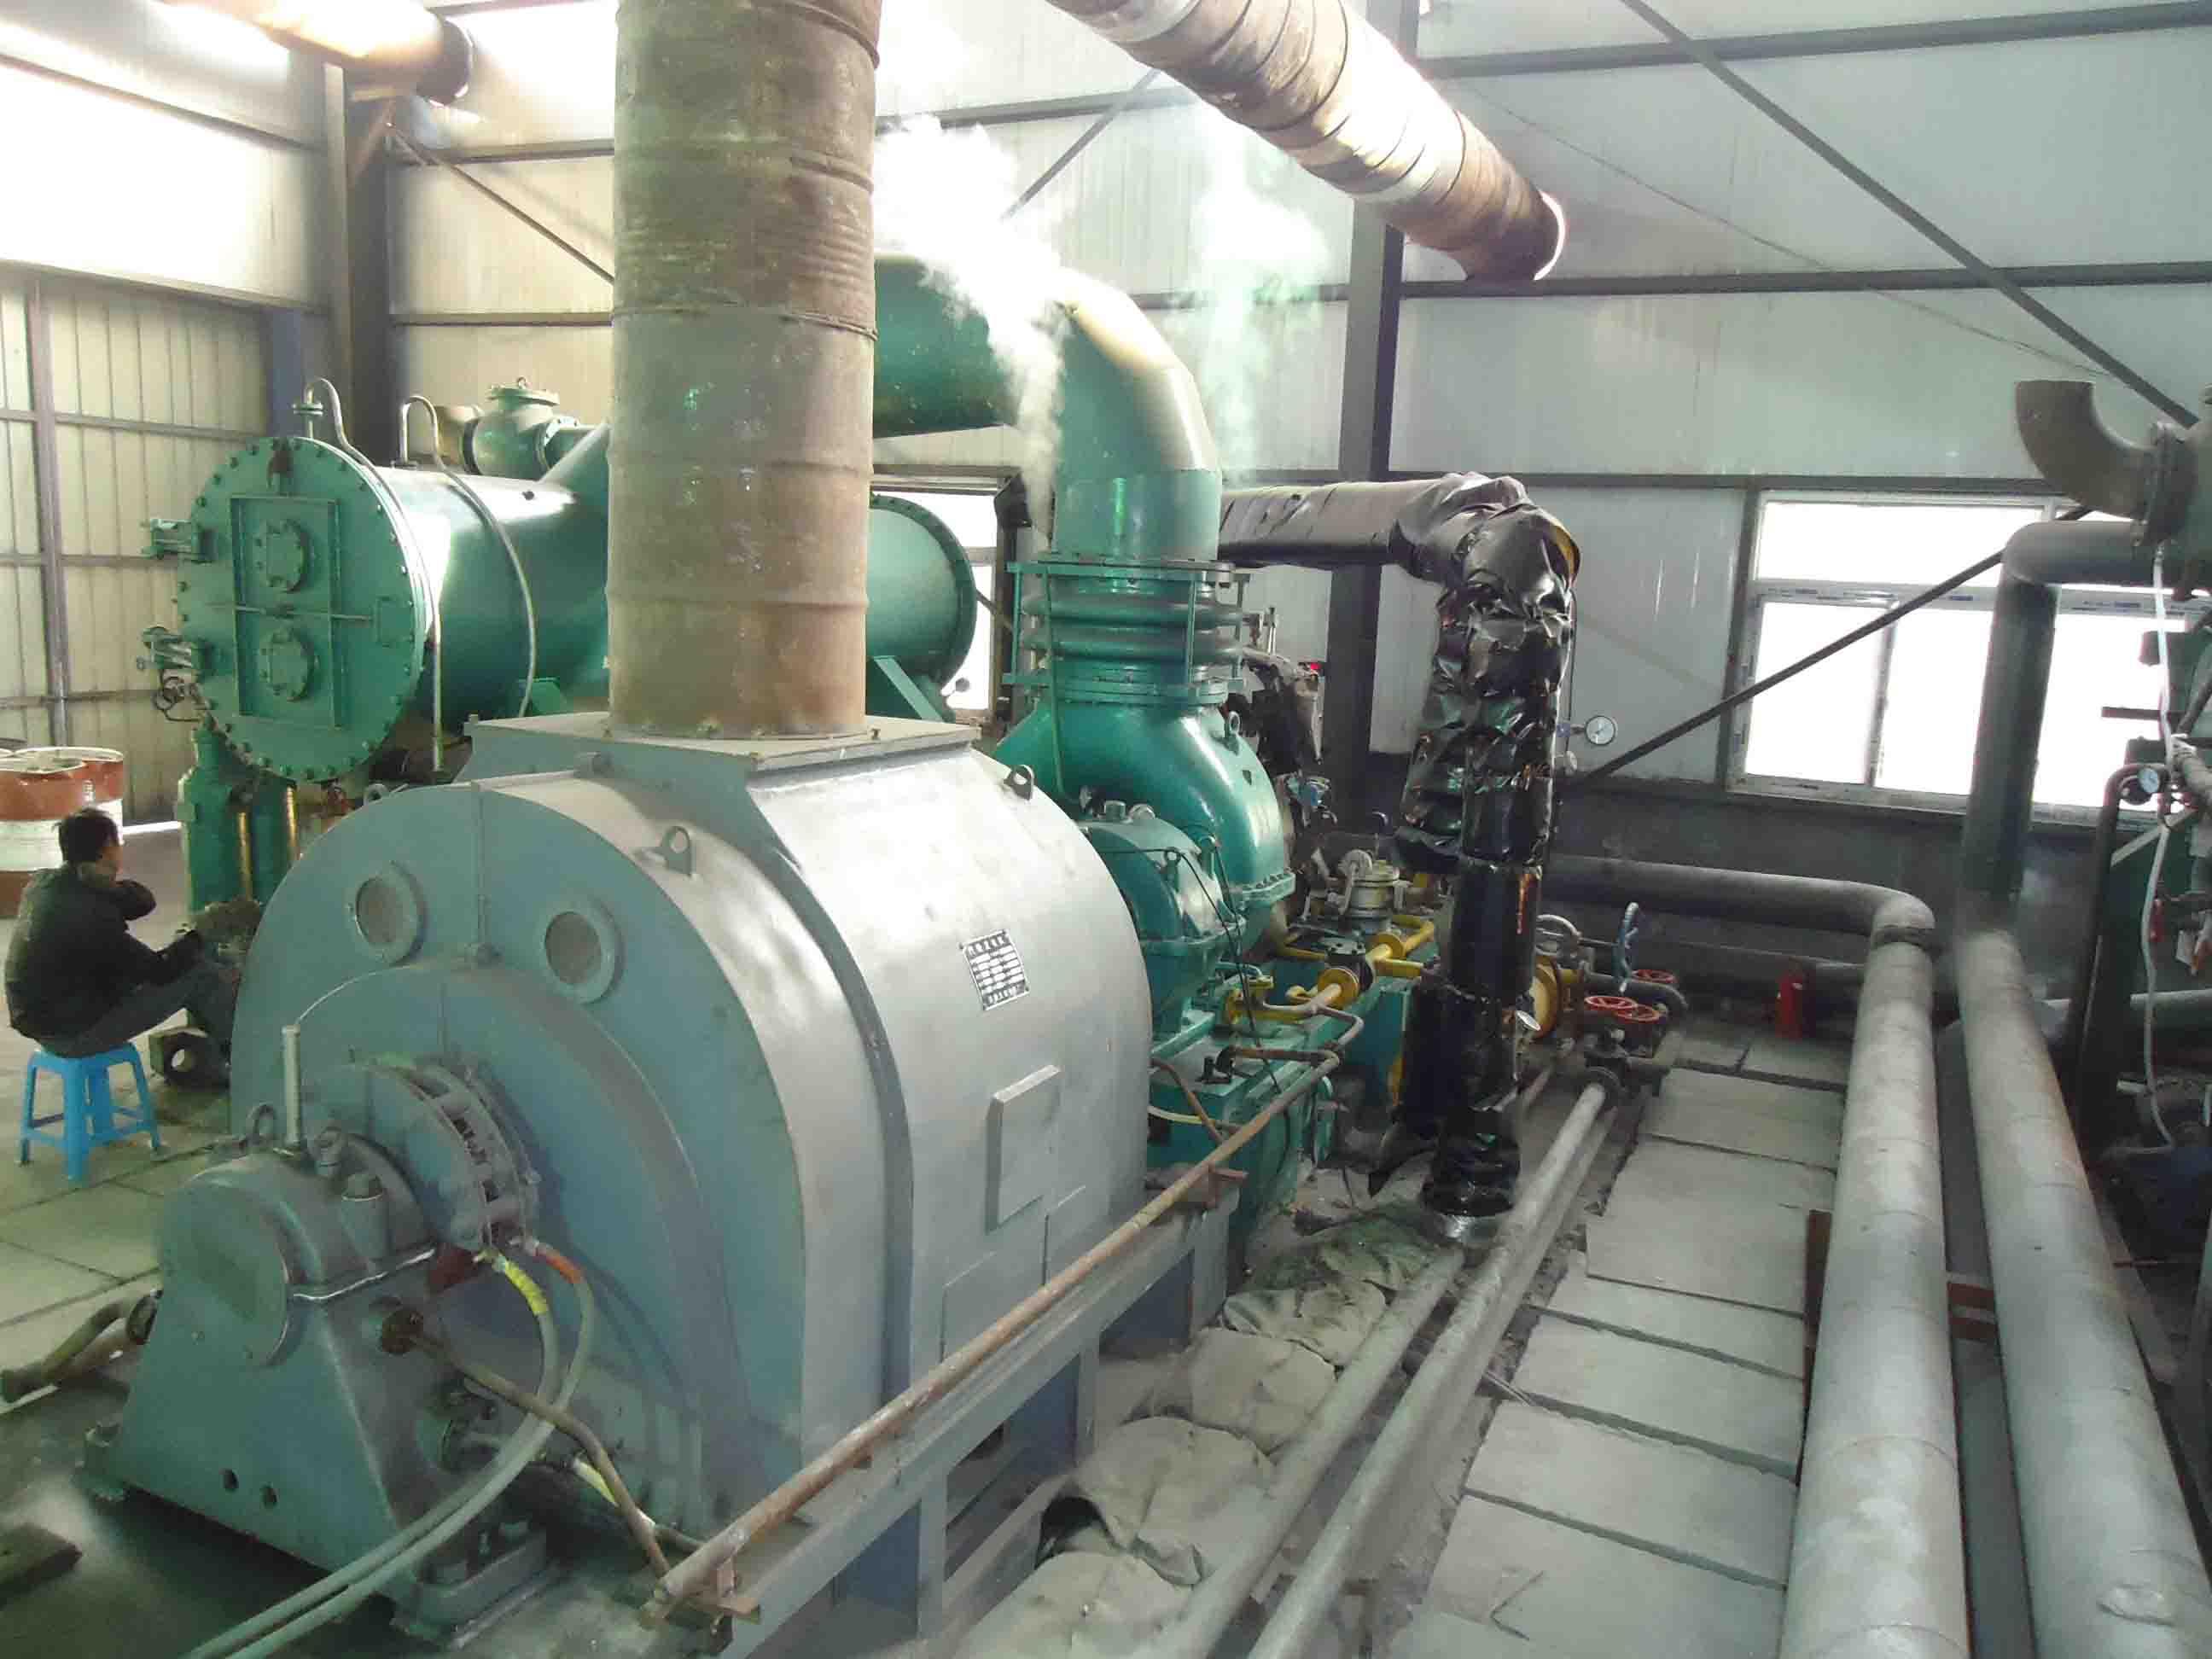 型号多样的电调拖动式汽轮机哪里有?欢迎到淄博卓信汽轮机企业